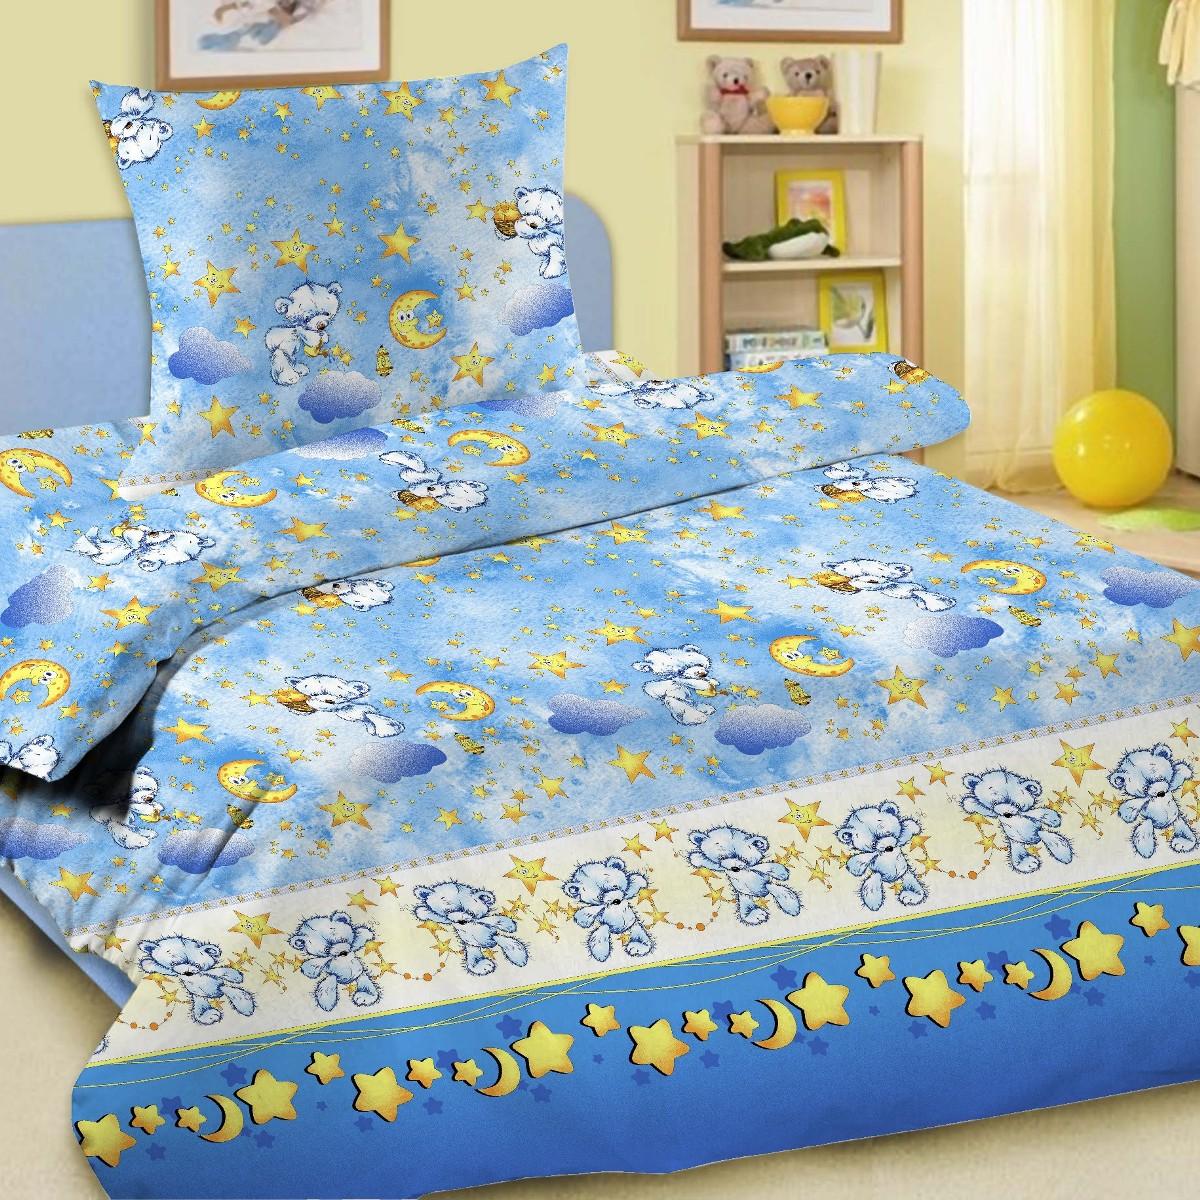 Letto Комплект белья для новорожденных Ясли простыня на резинке цвет голубой BGR-18